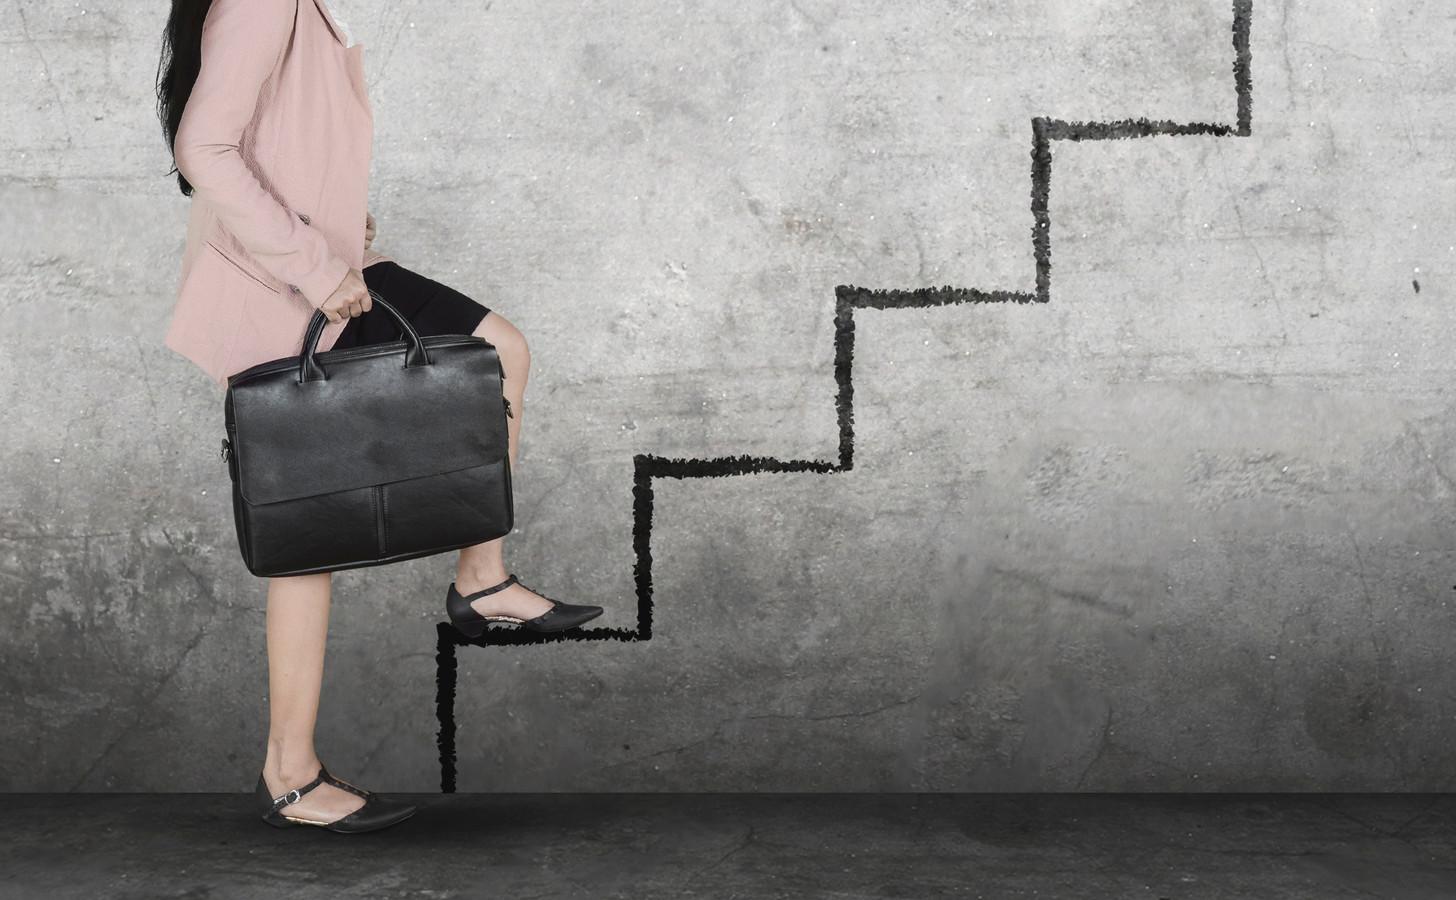 De Tweede Kamer wil dat beursgenoteerde bedrijven verplicht worden om meer vrouwen in hun raden van commissarissen te benoemen.